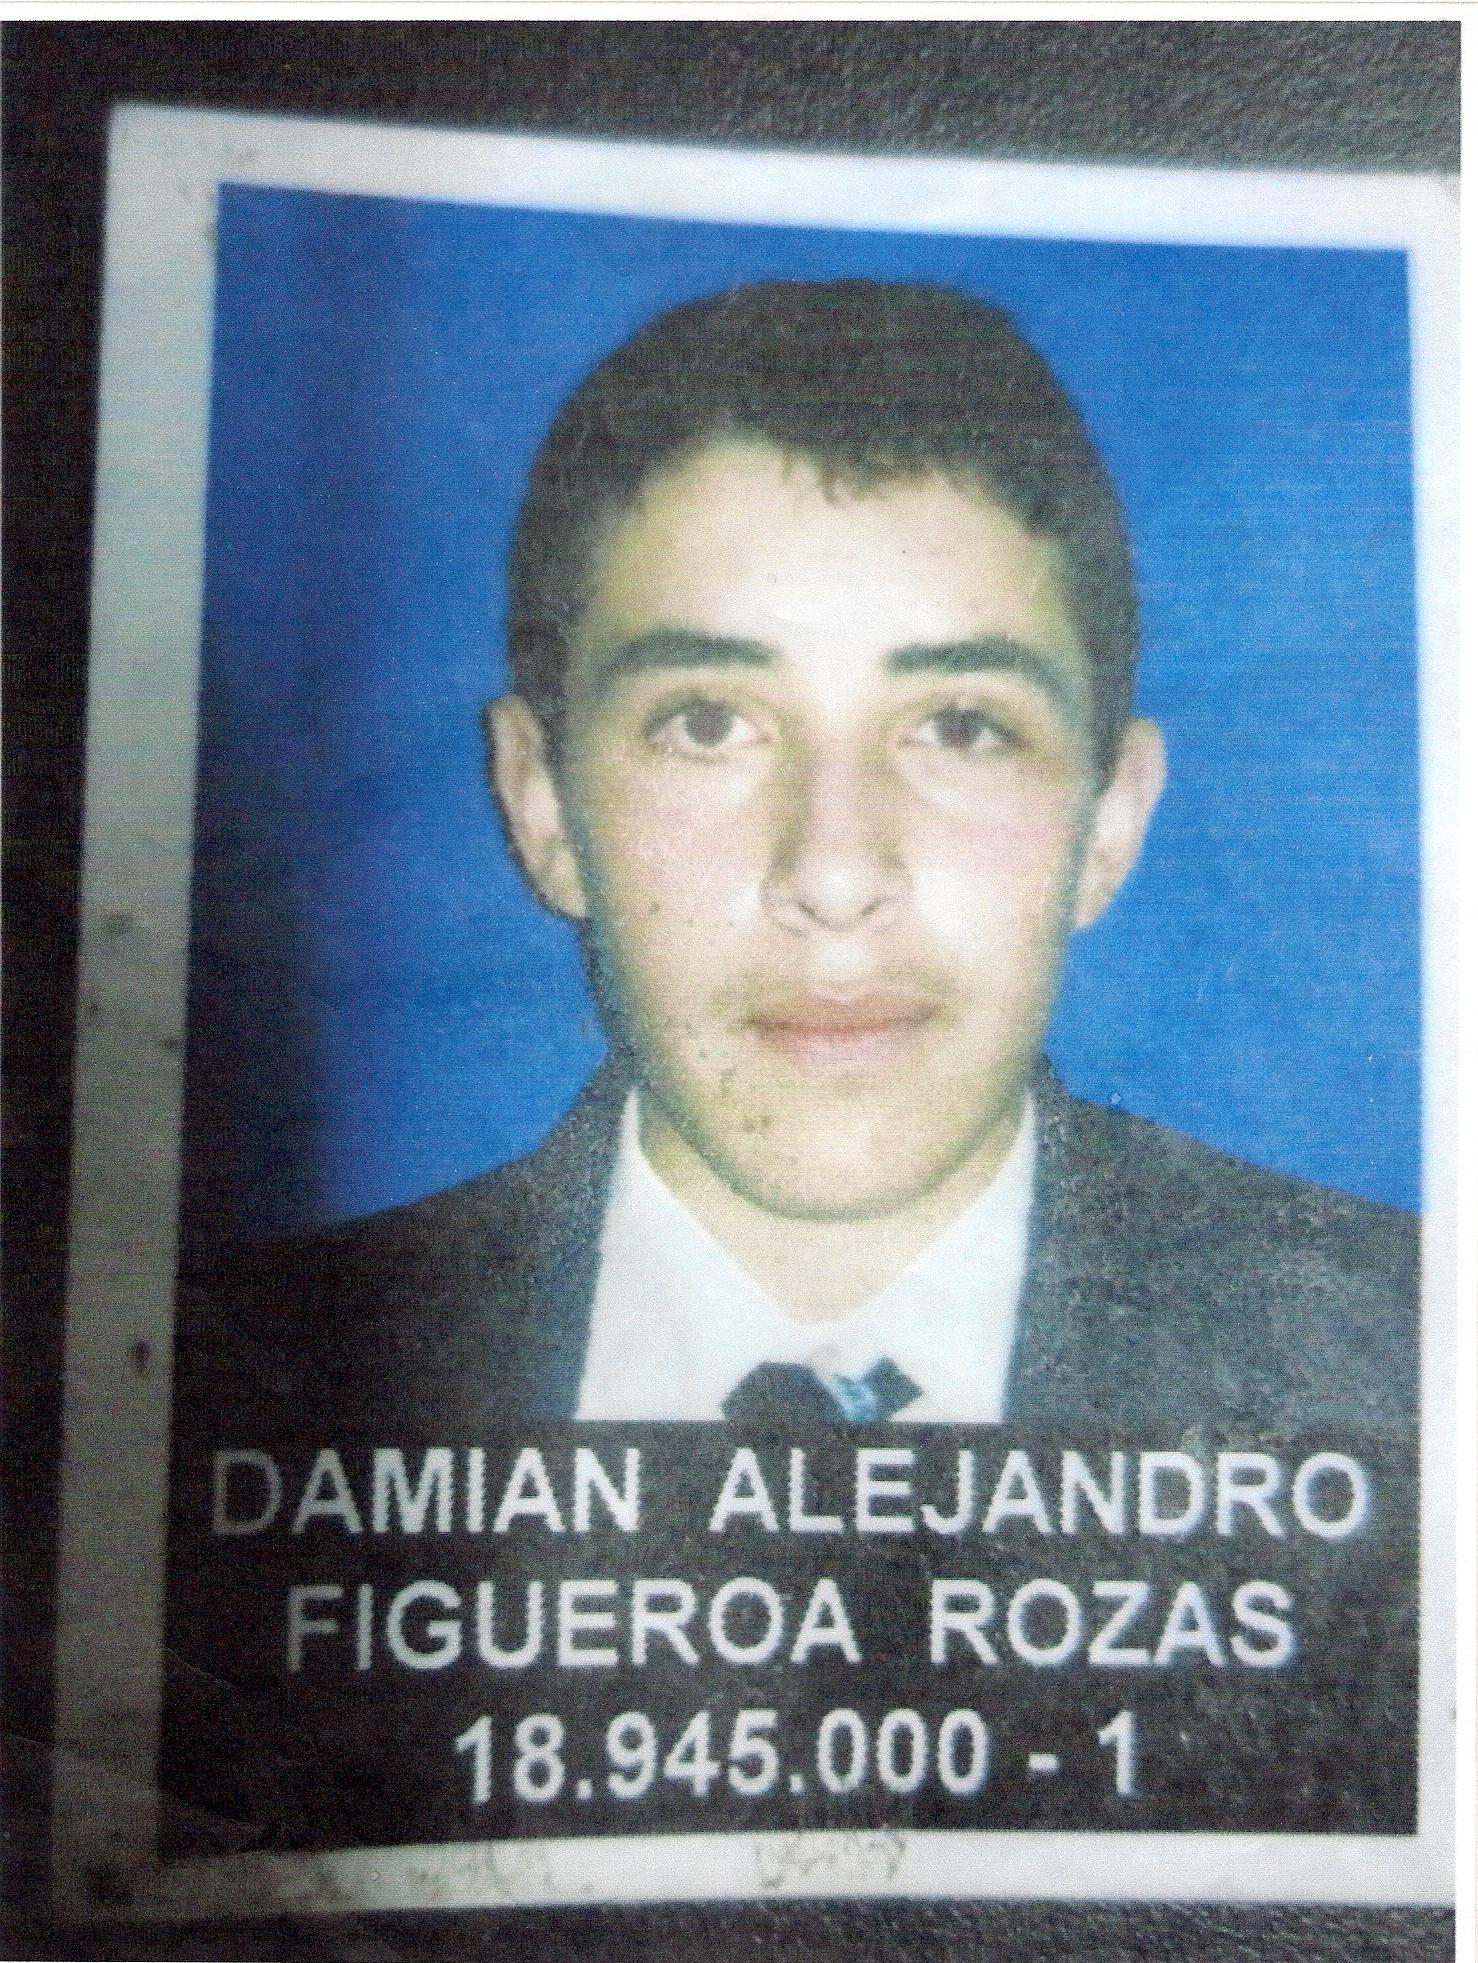 Damian Alejandro Figueroa Rozas